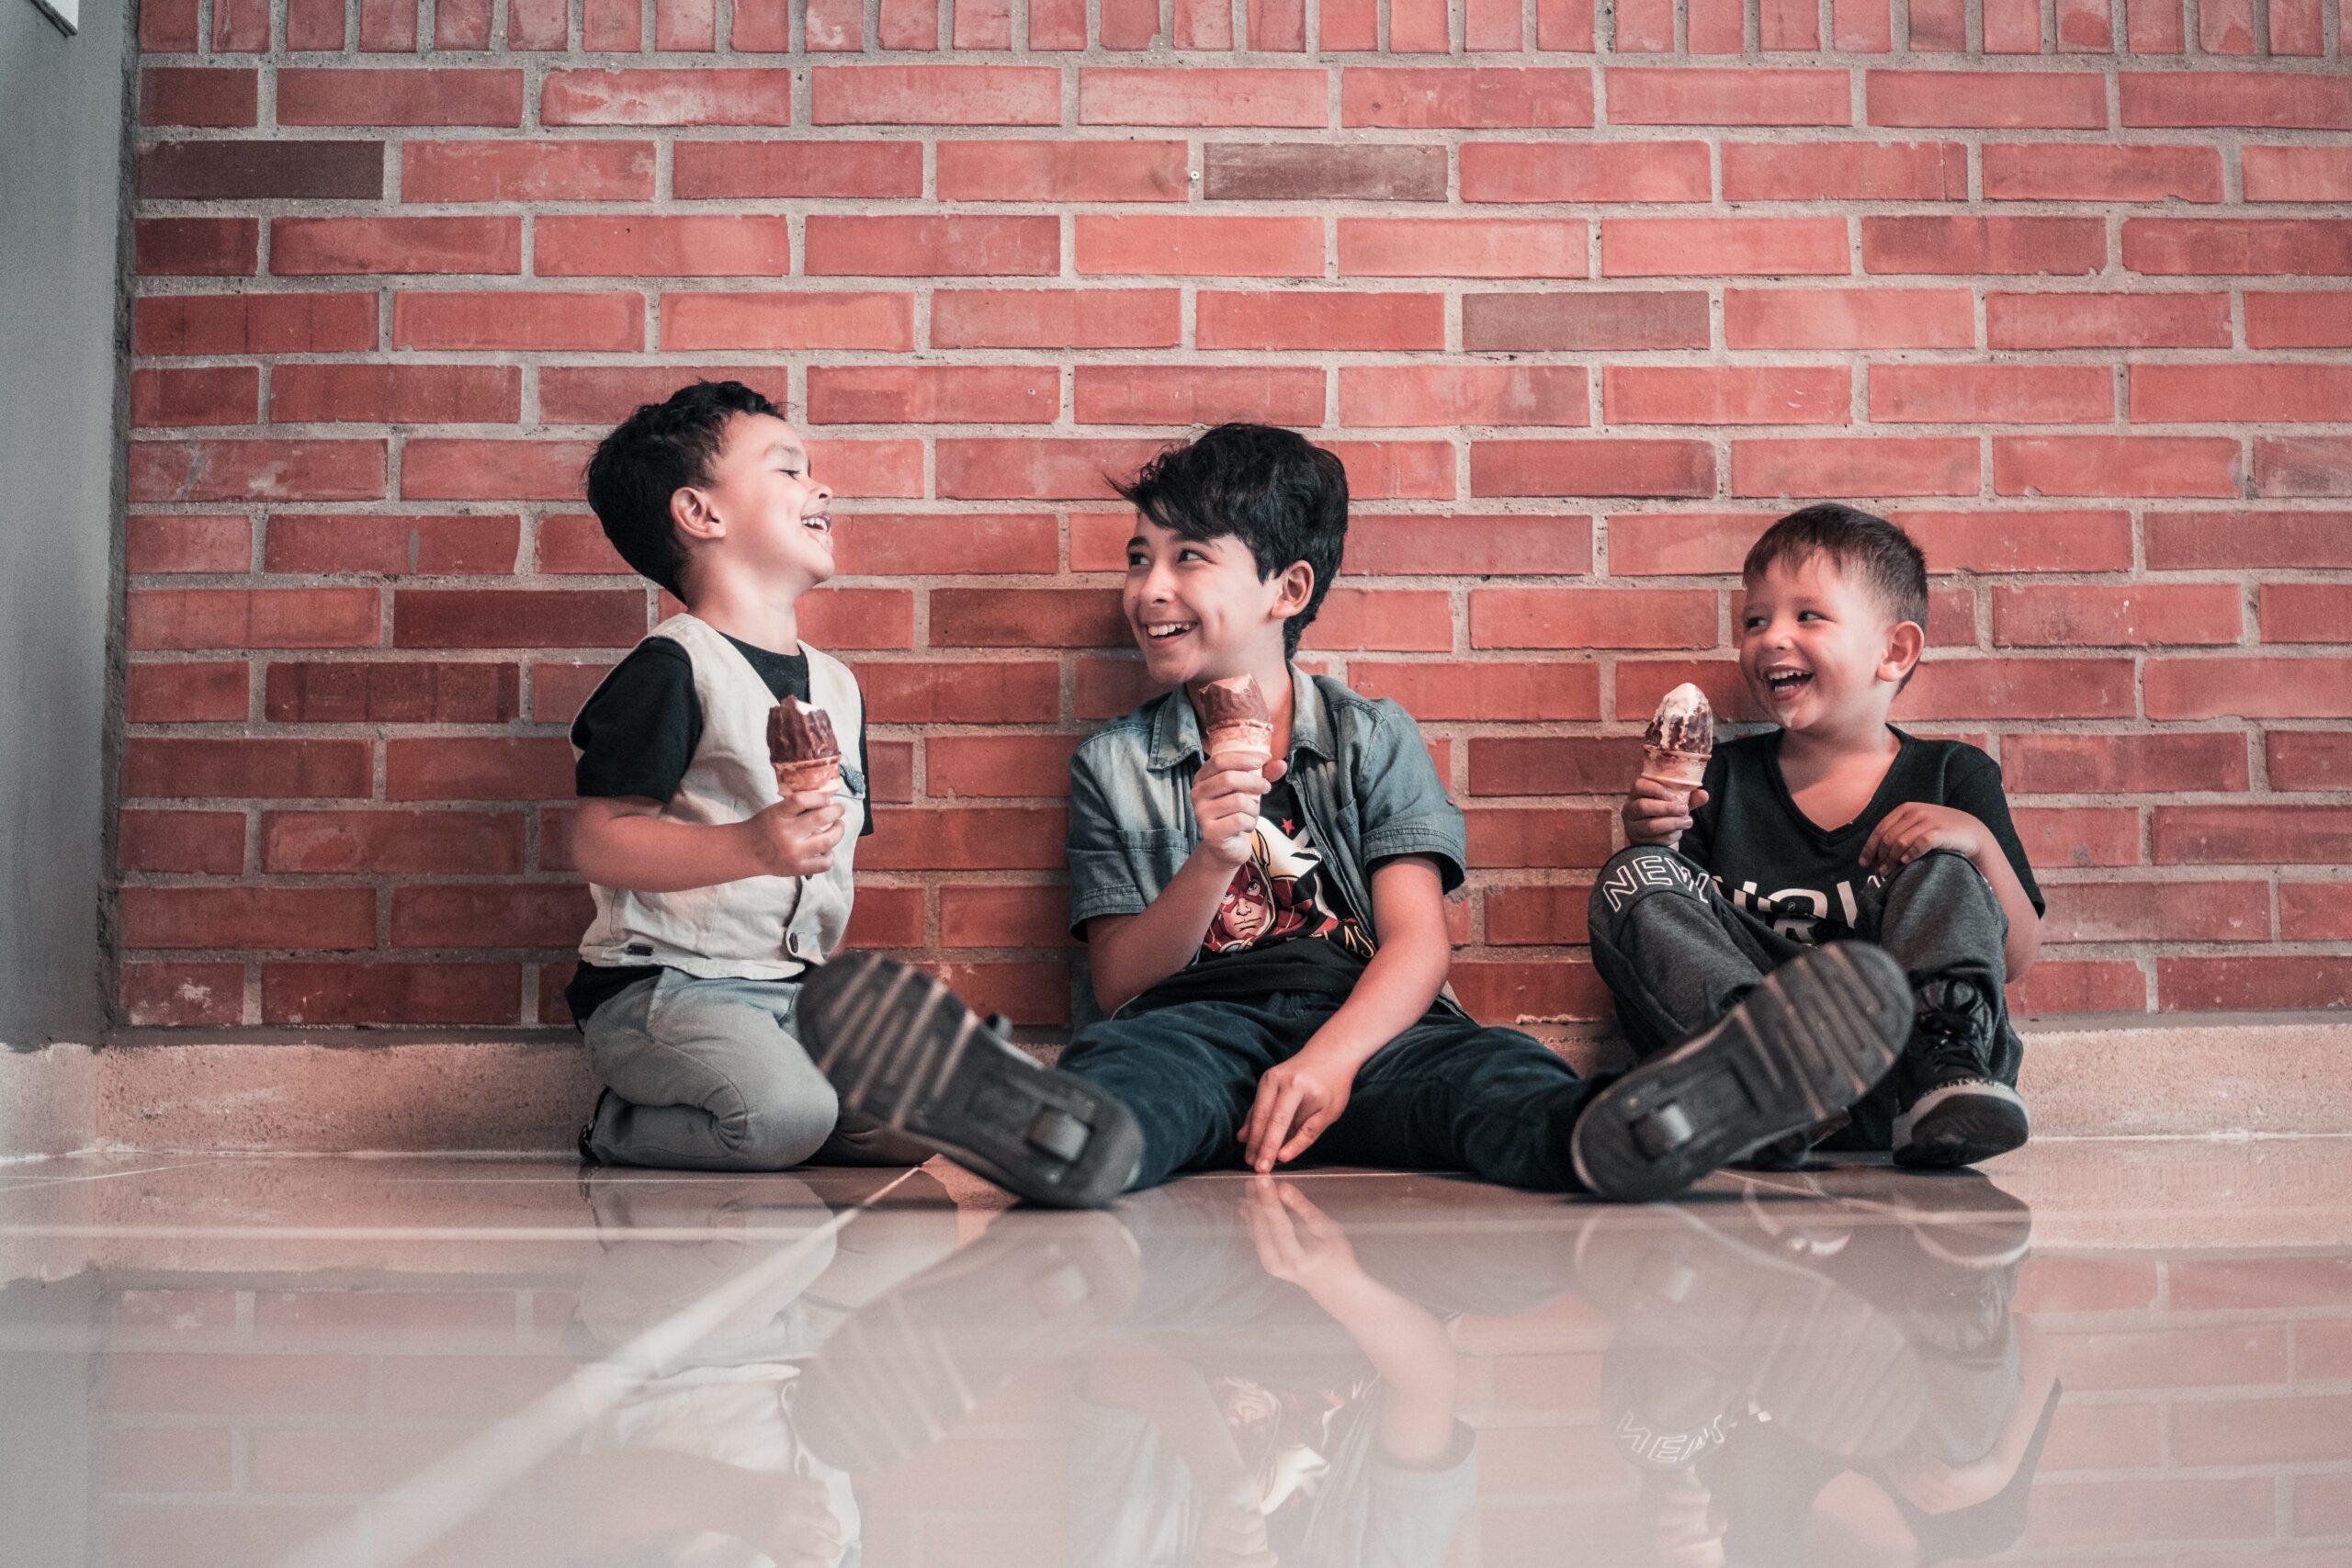 Tři kluci sedí na zemi a jí zmrzlinu.